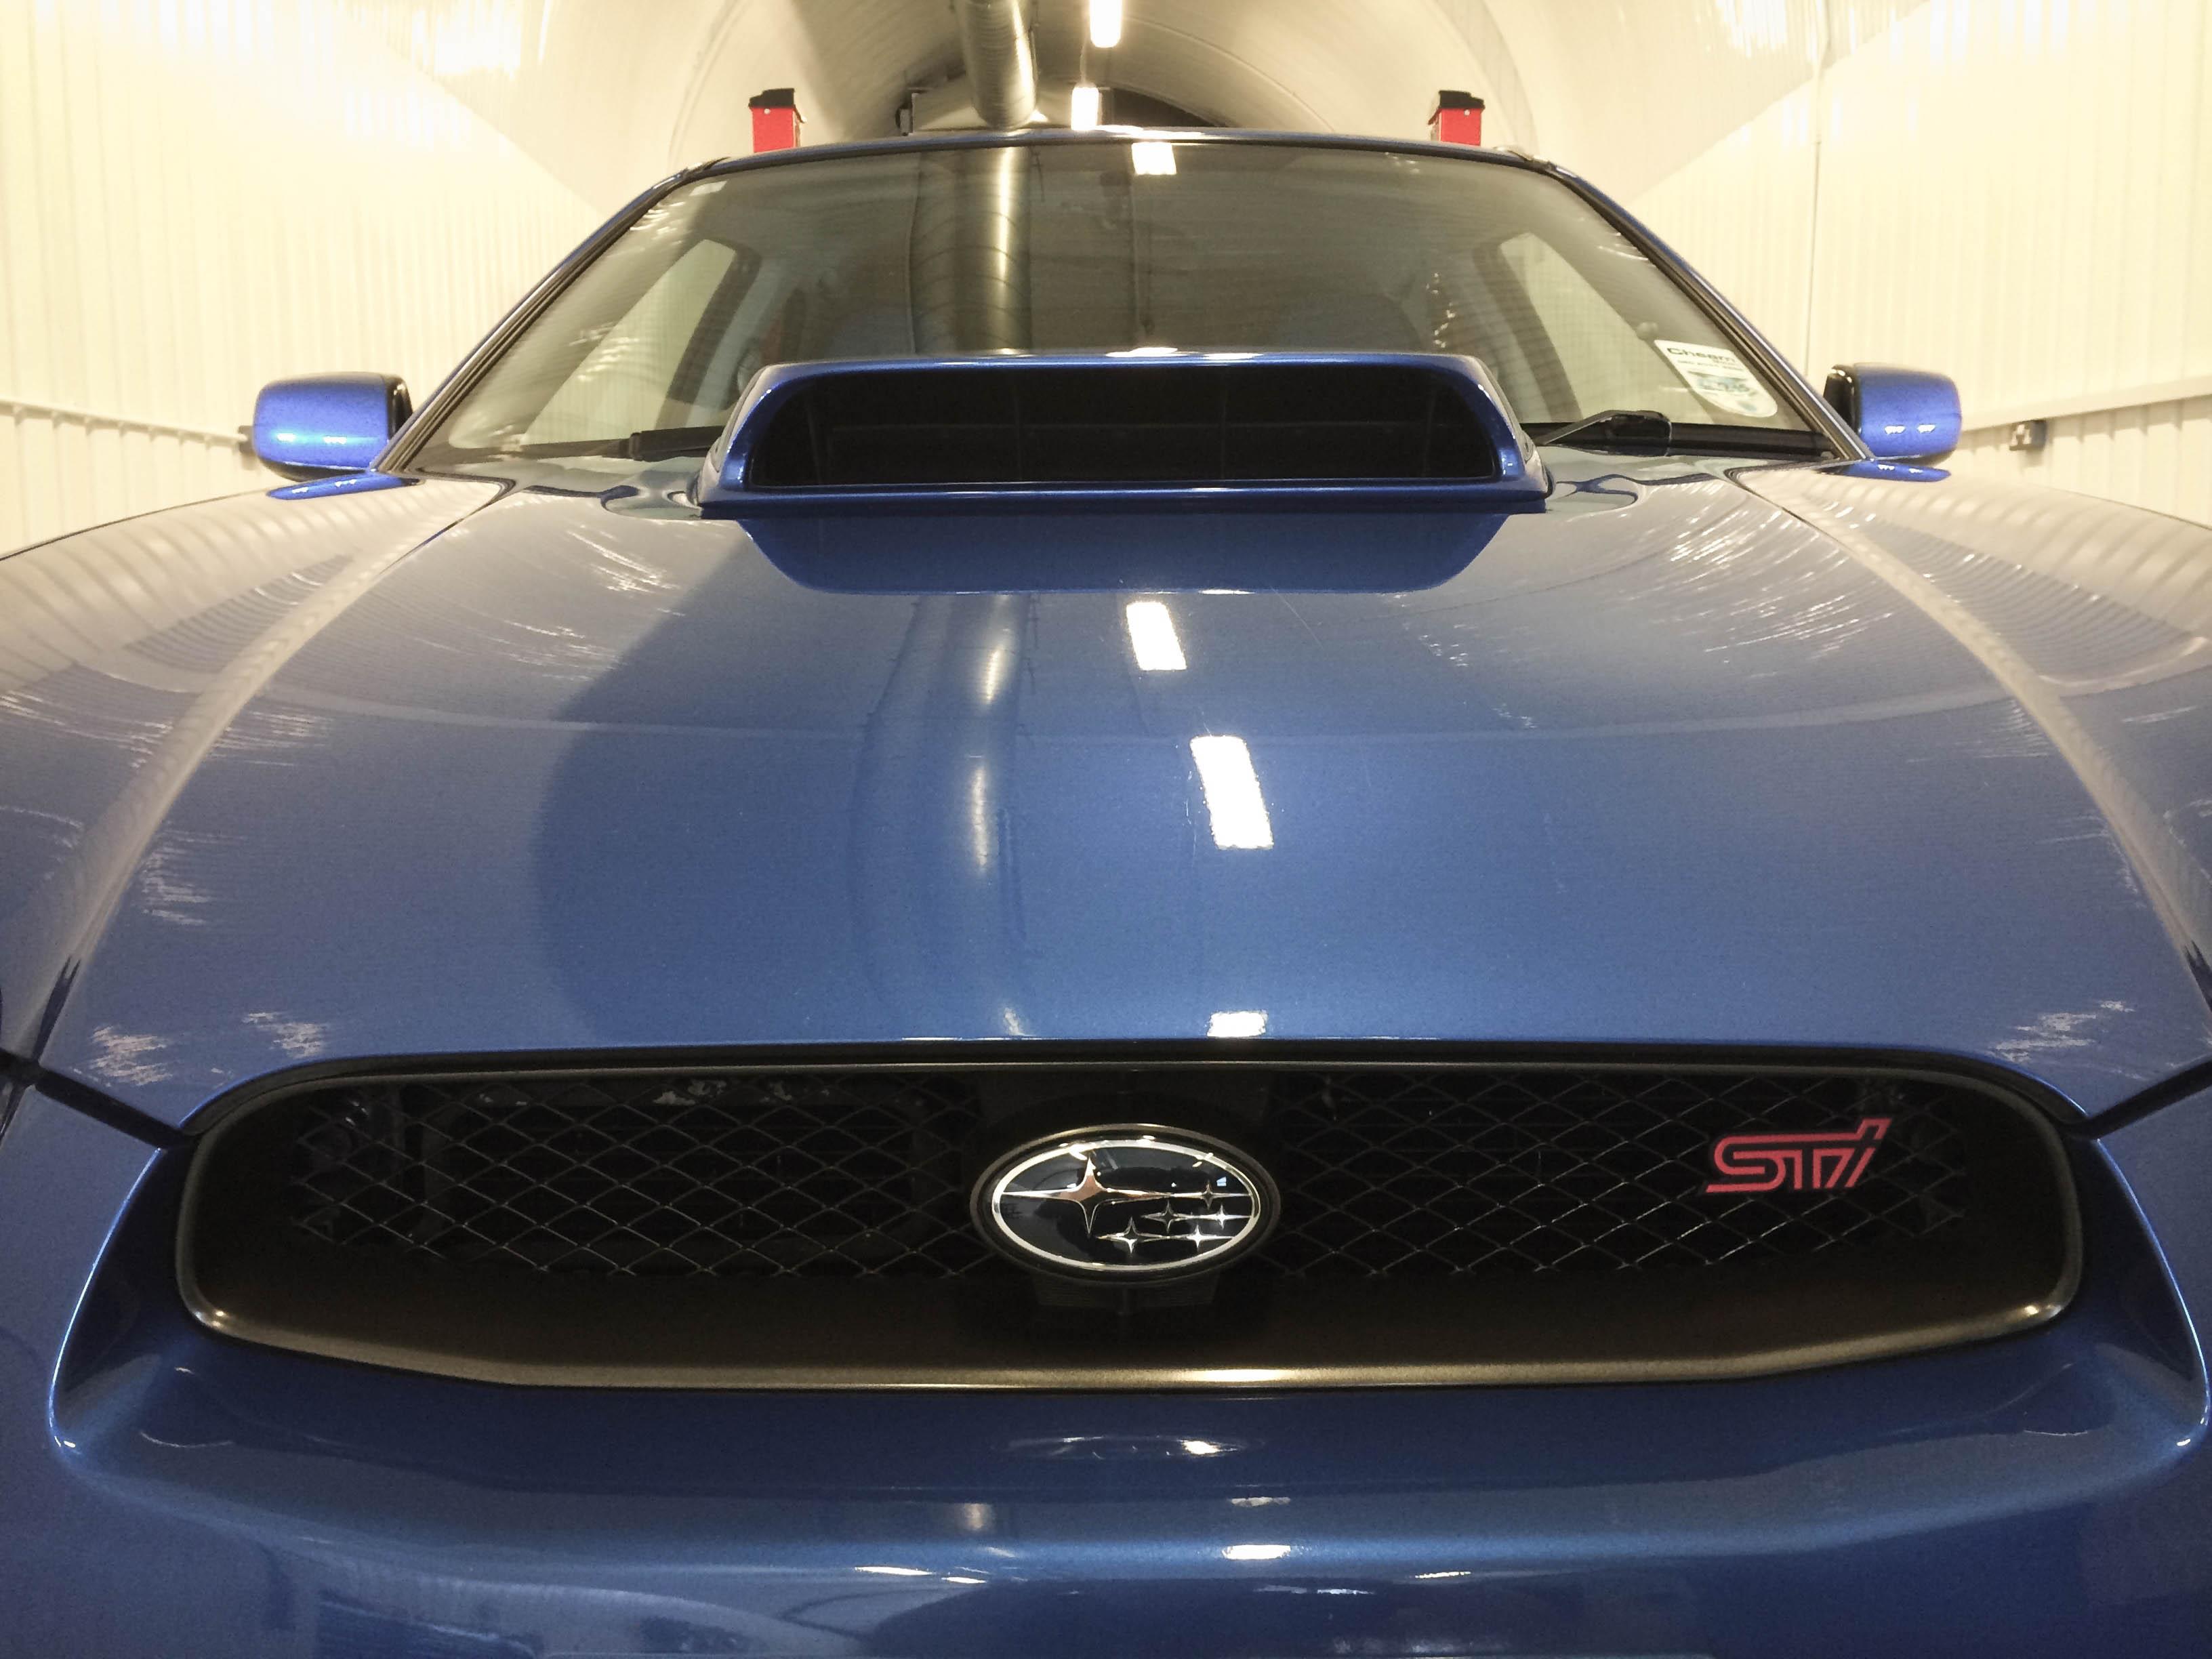 Subaru-Impreza-WRX-bonnet